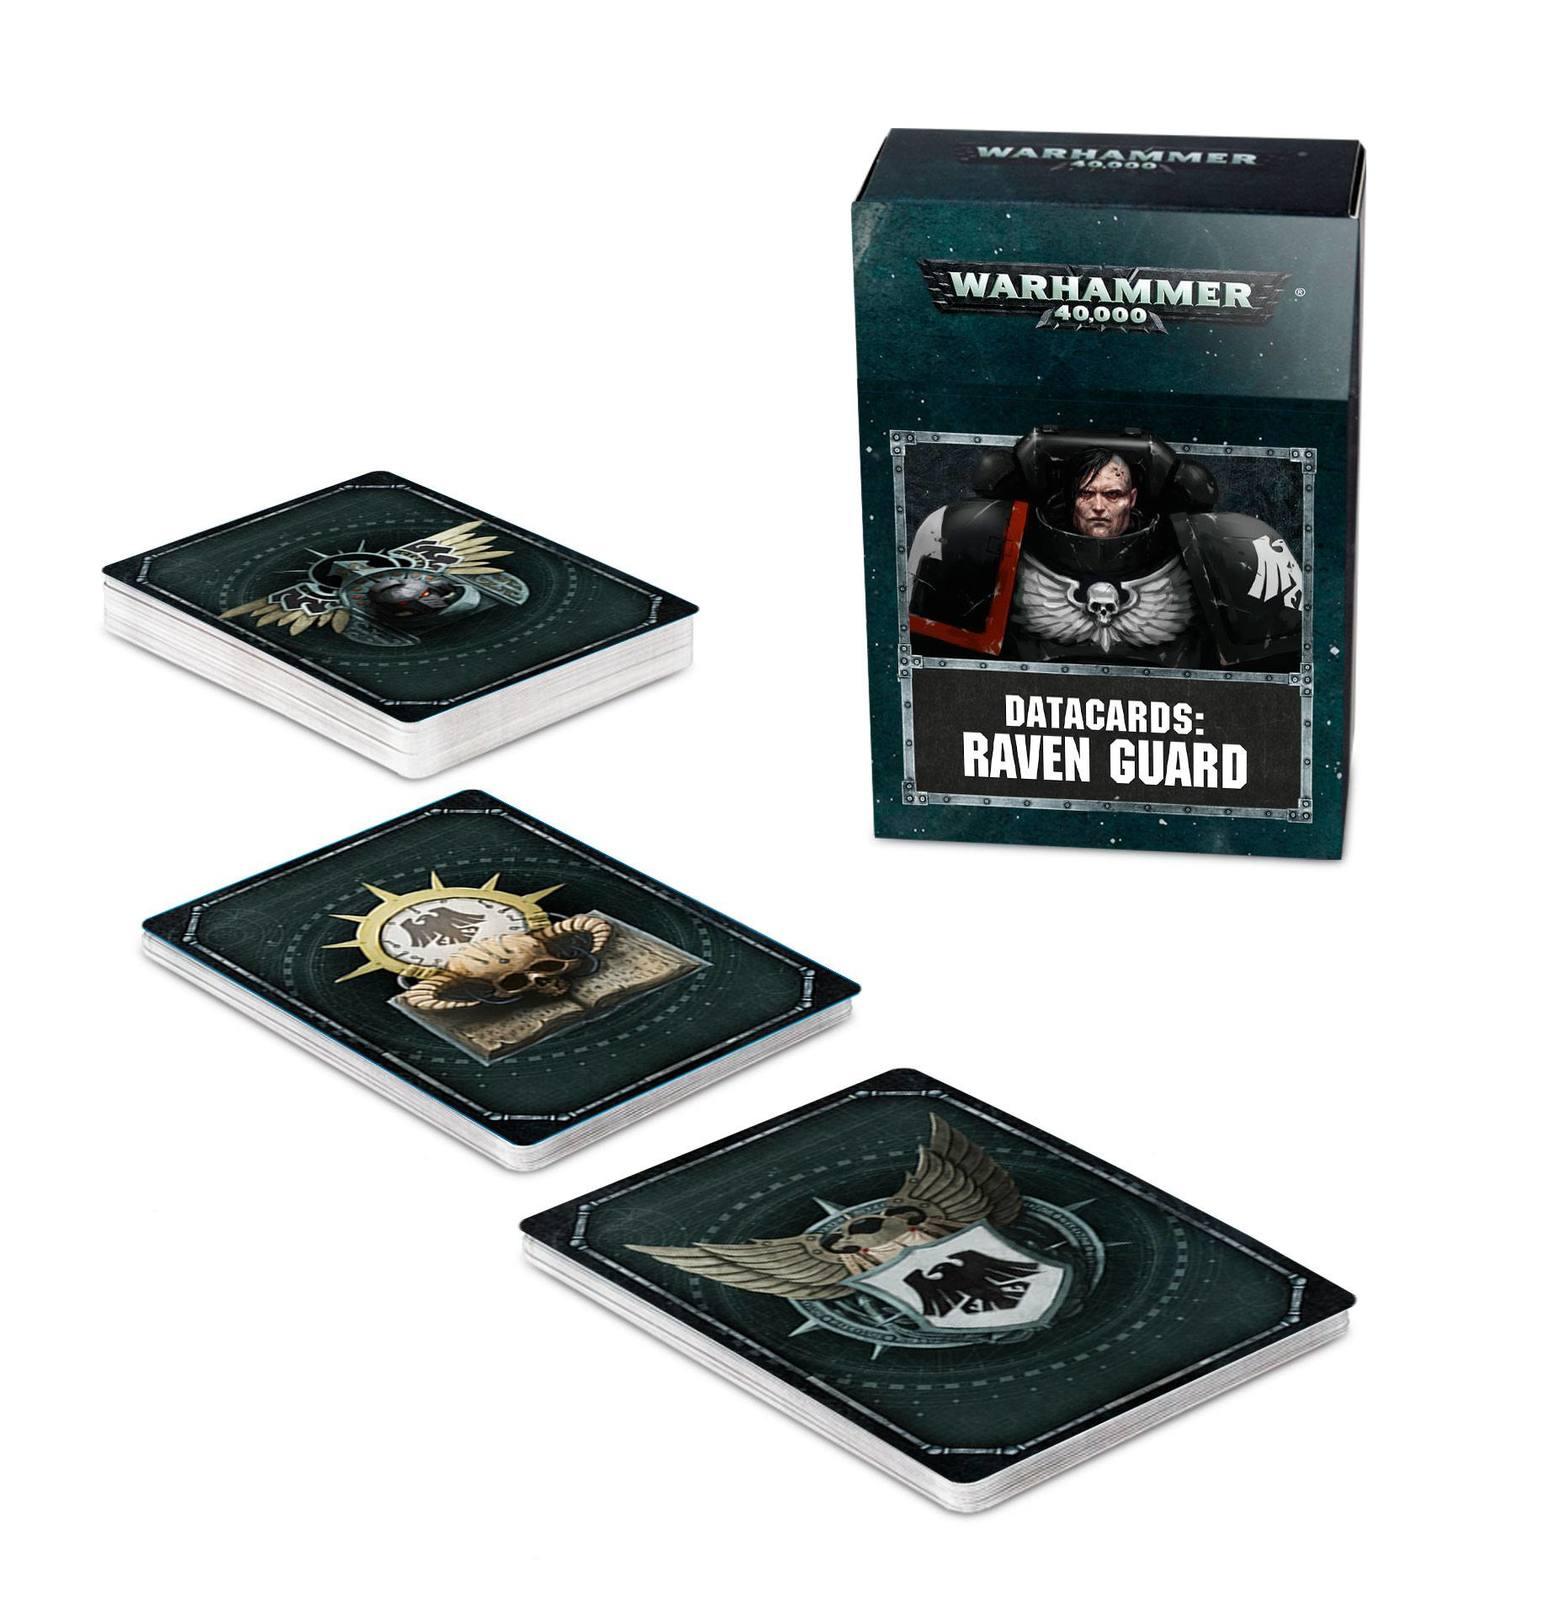 Warhammer 40,000: Raven Guard - Datacards image